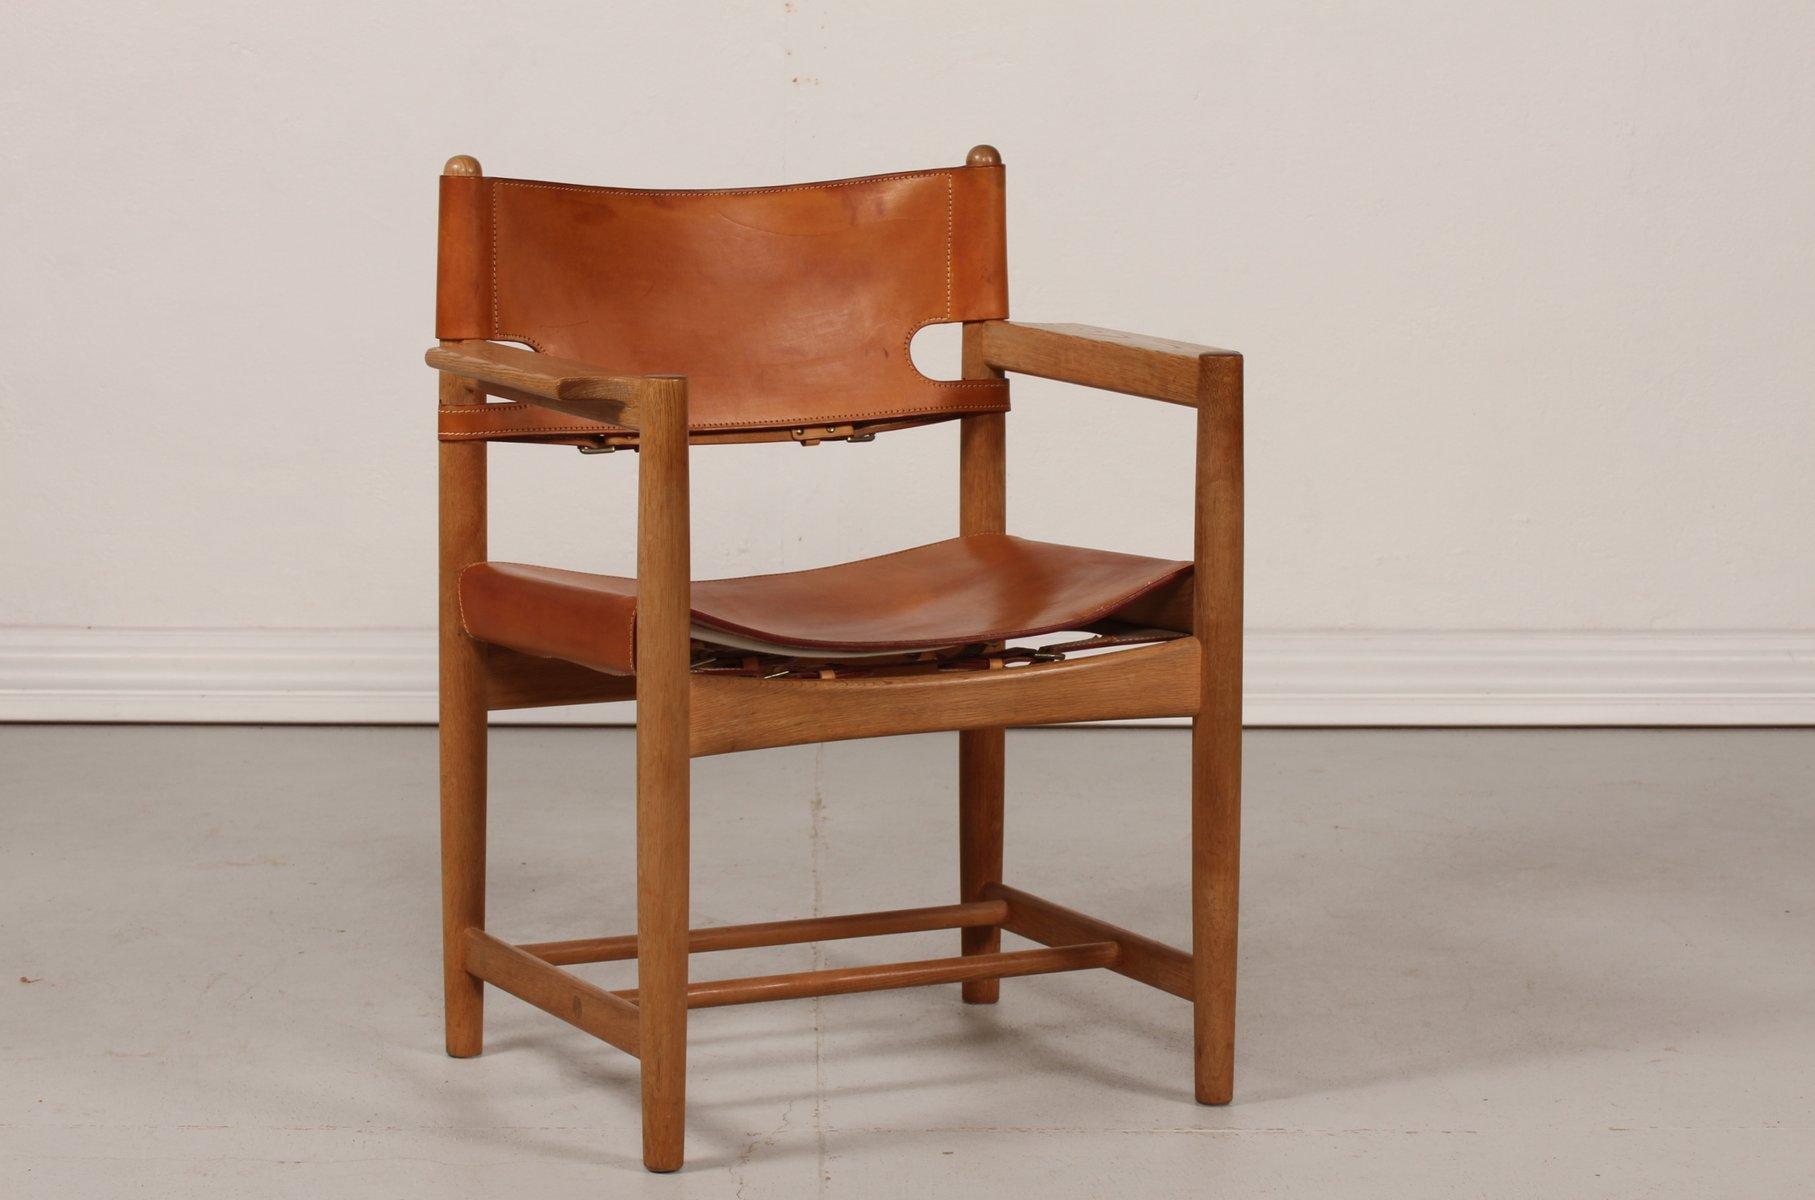 d nischer leder eiche 3238 stuhl von b rge mogensen f r. Black Bedroom Furniture Sets. Home Design Ideas